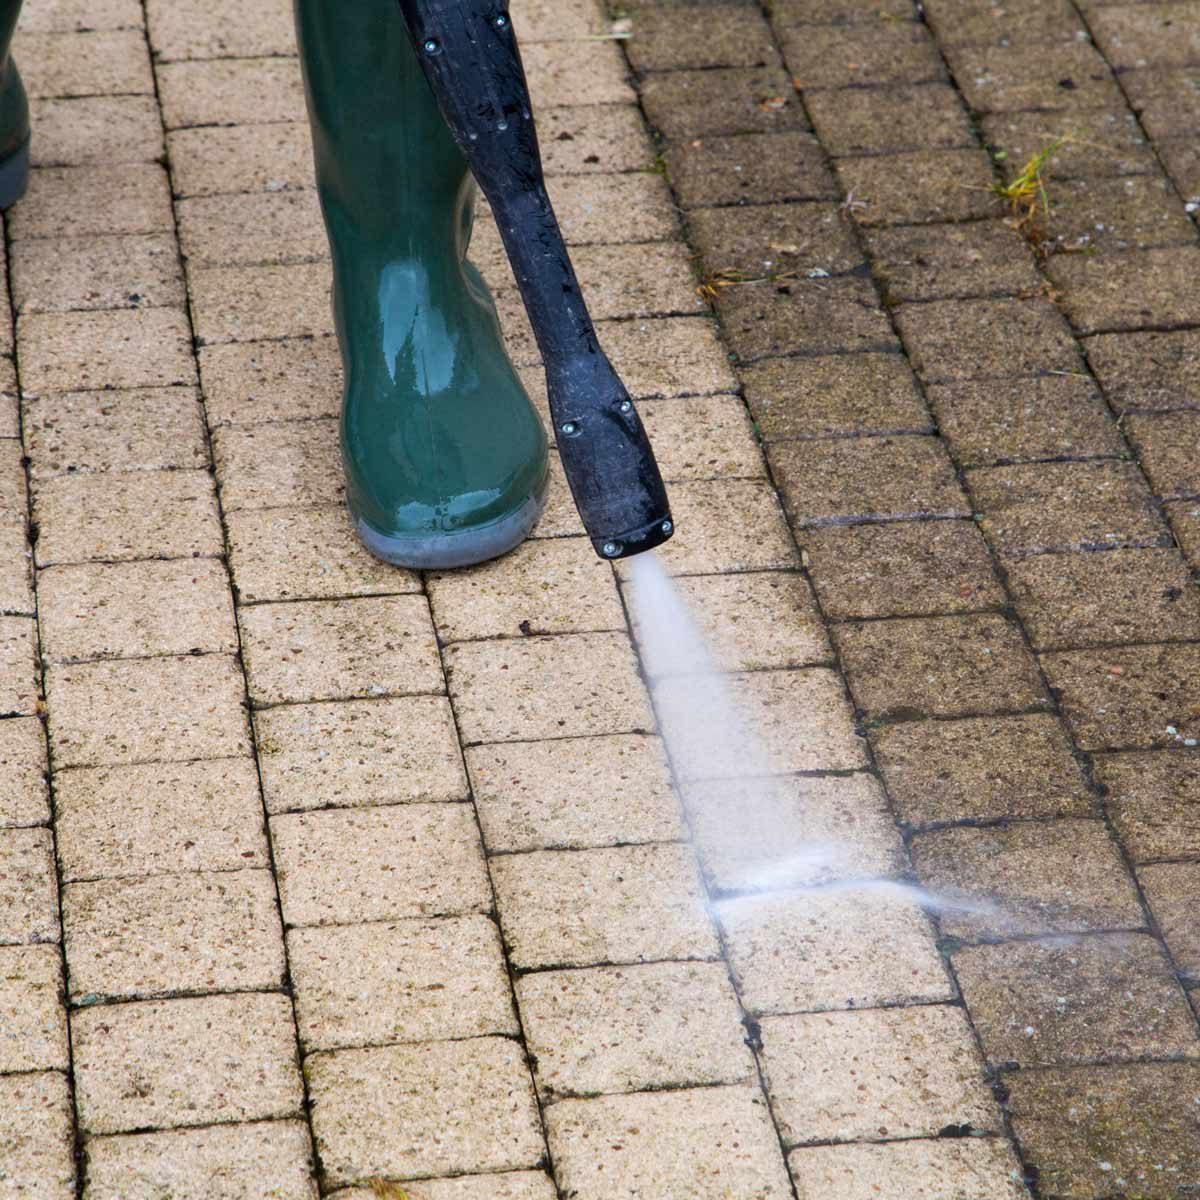 Person-pressure-washes-brick